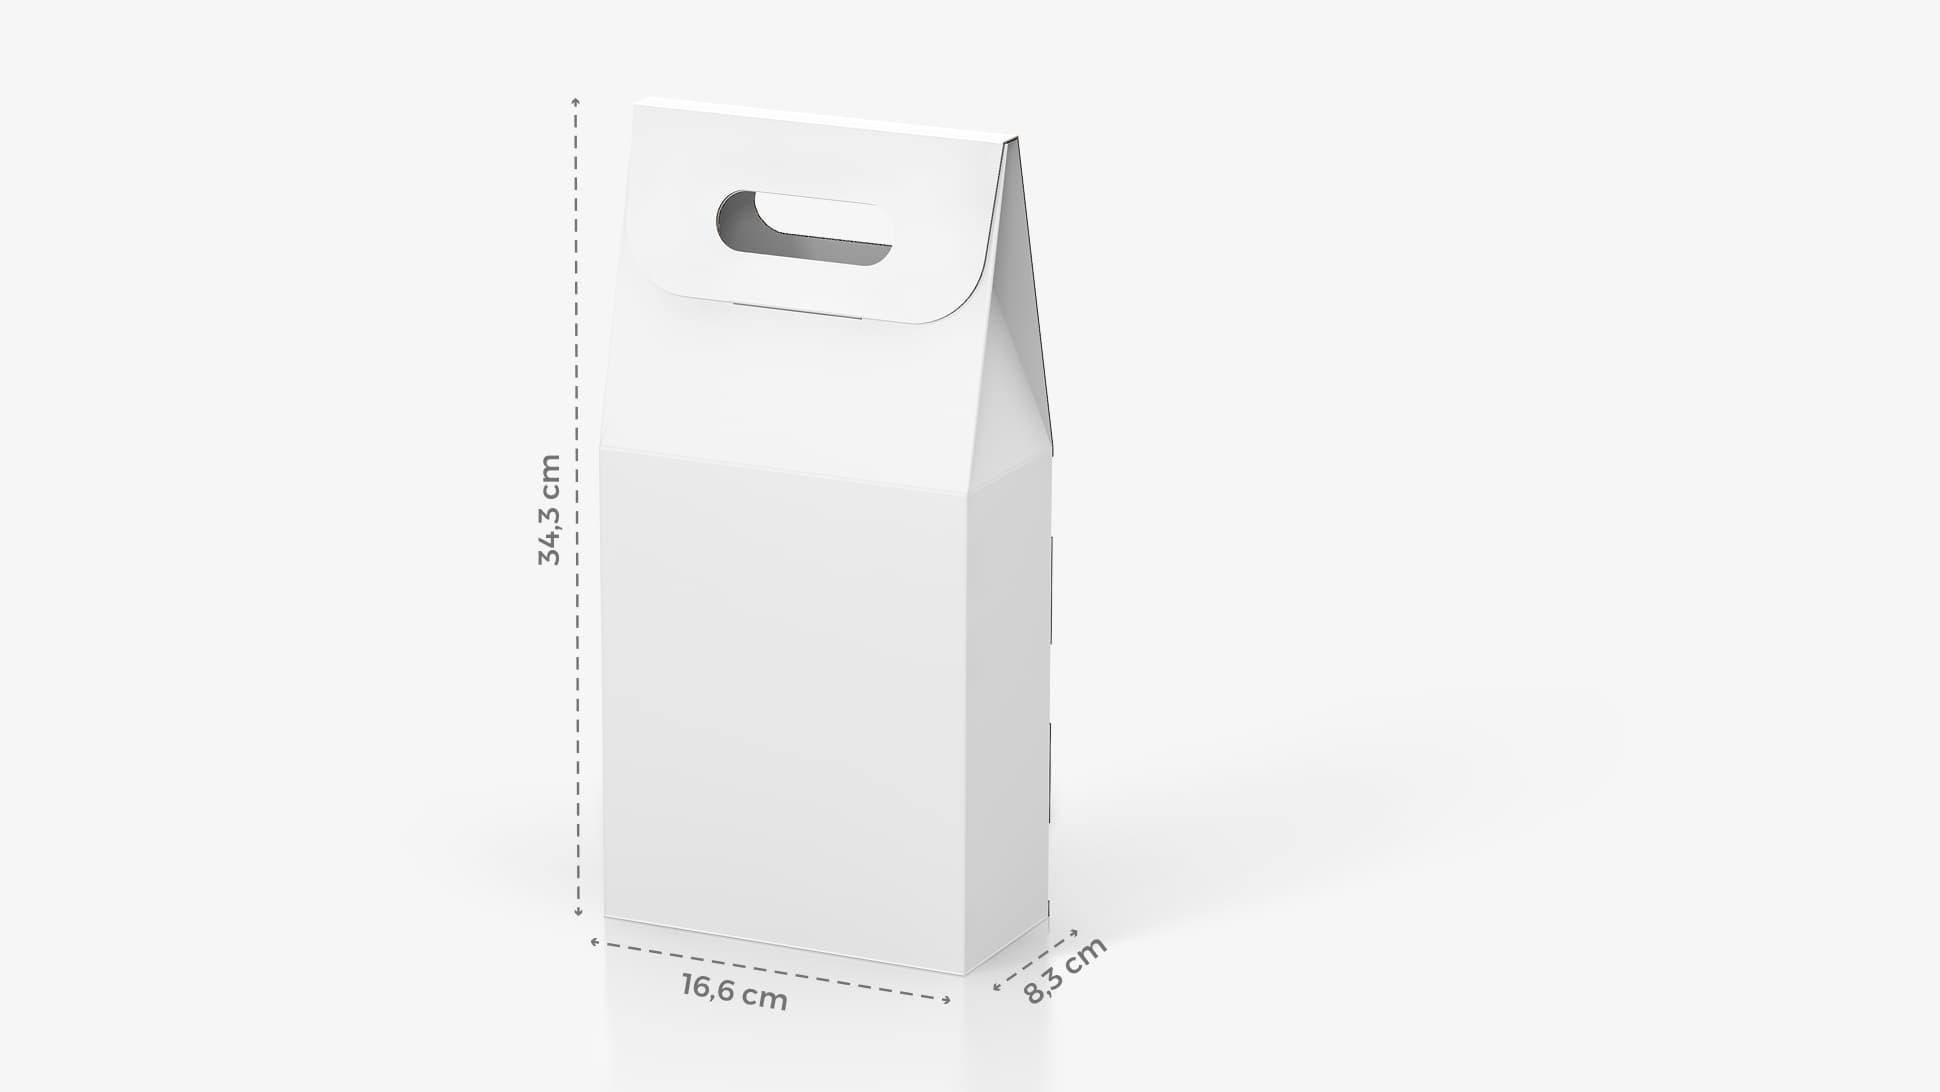 Scatola per bottiglia di vino 16,6x34,3 cm personalizzabile | tictac.it